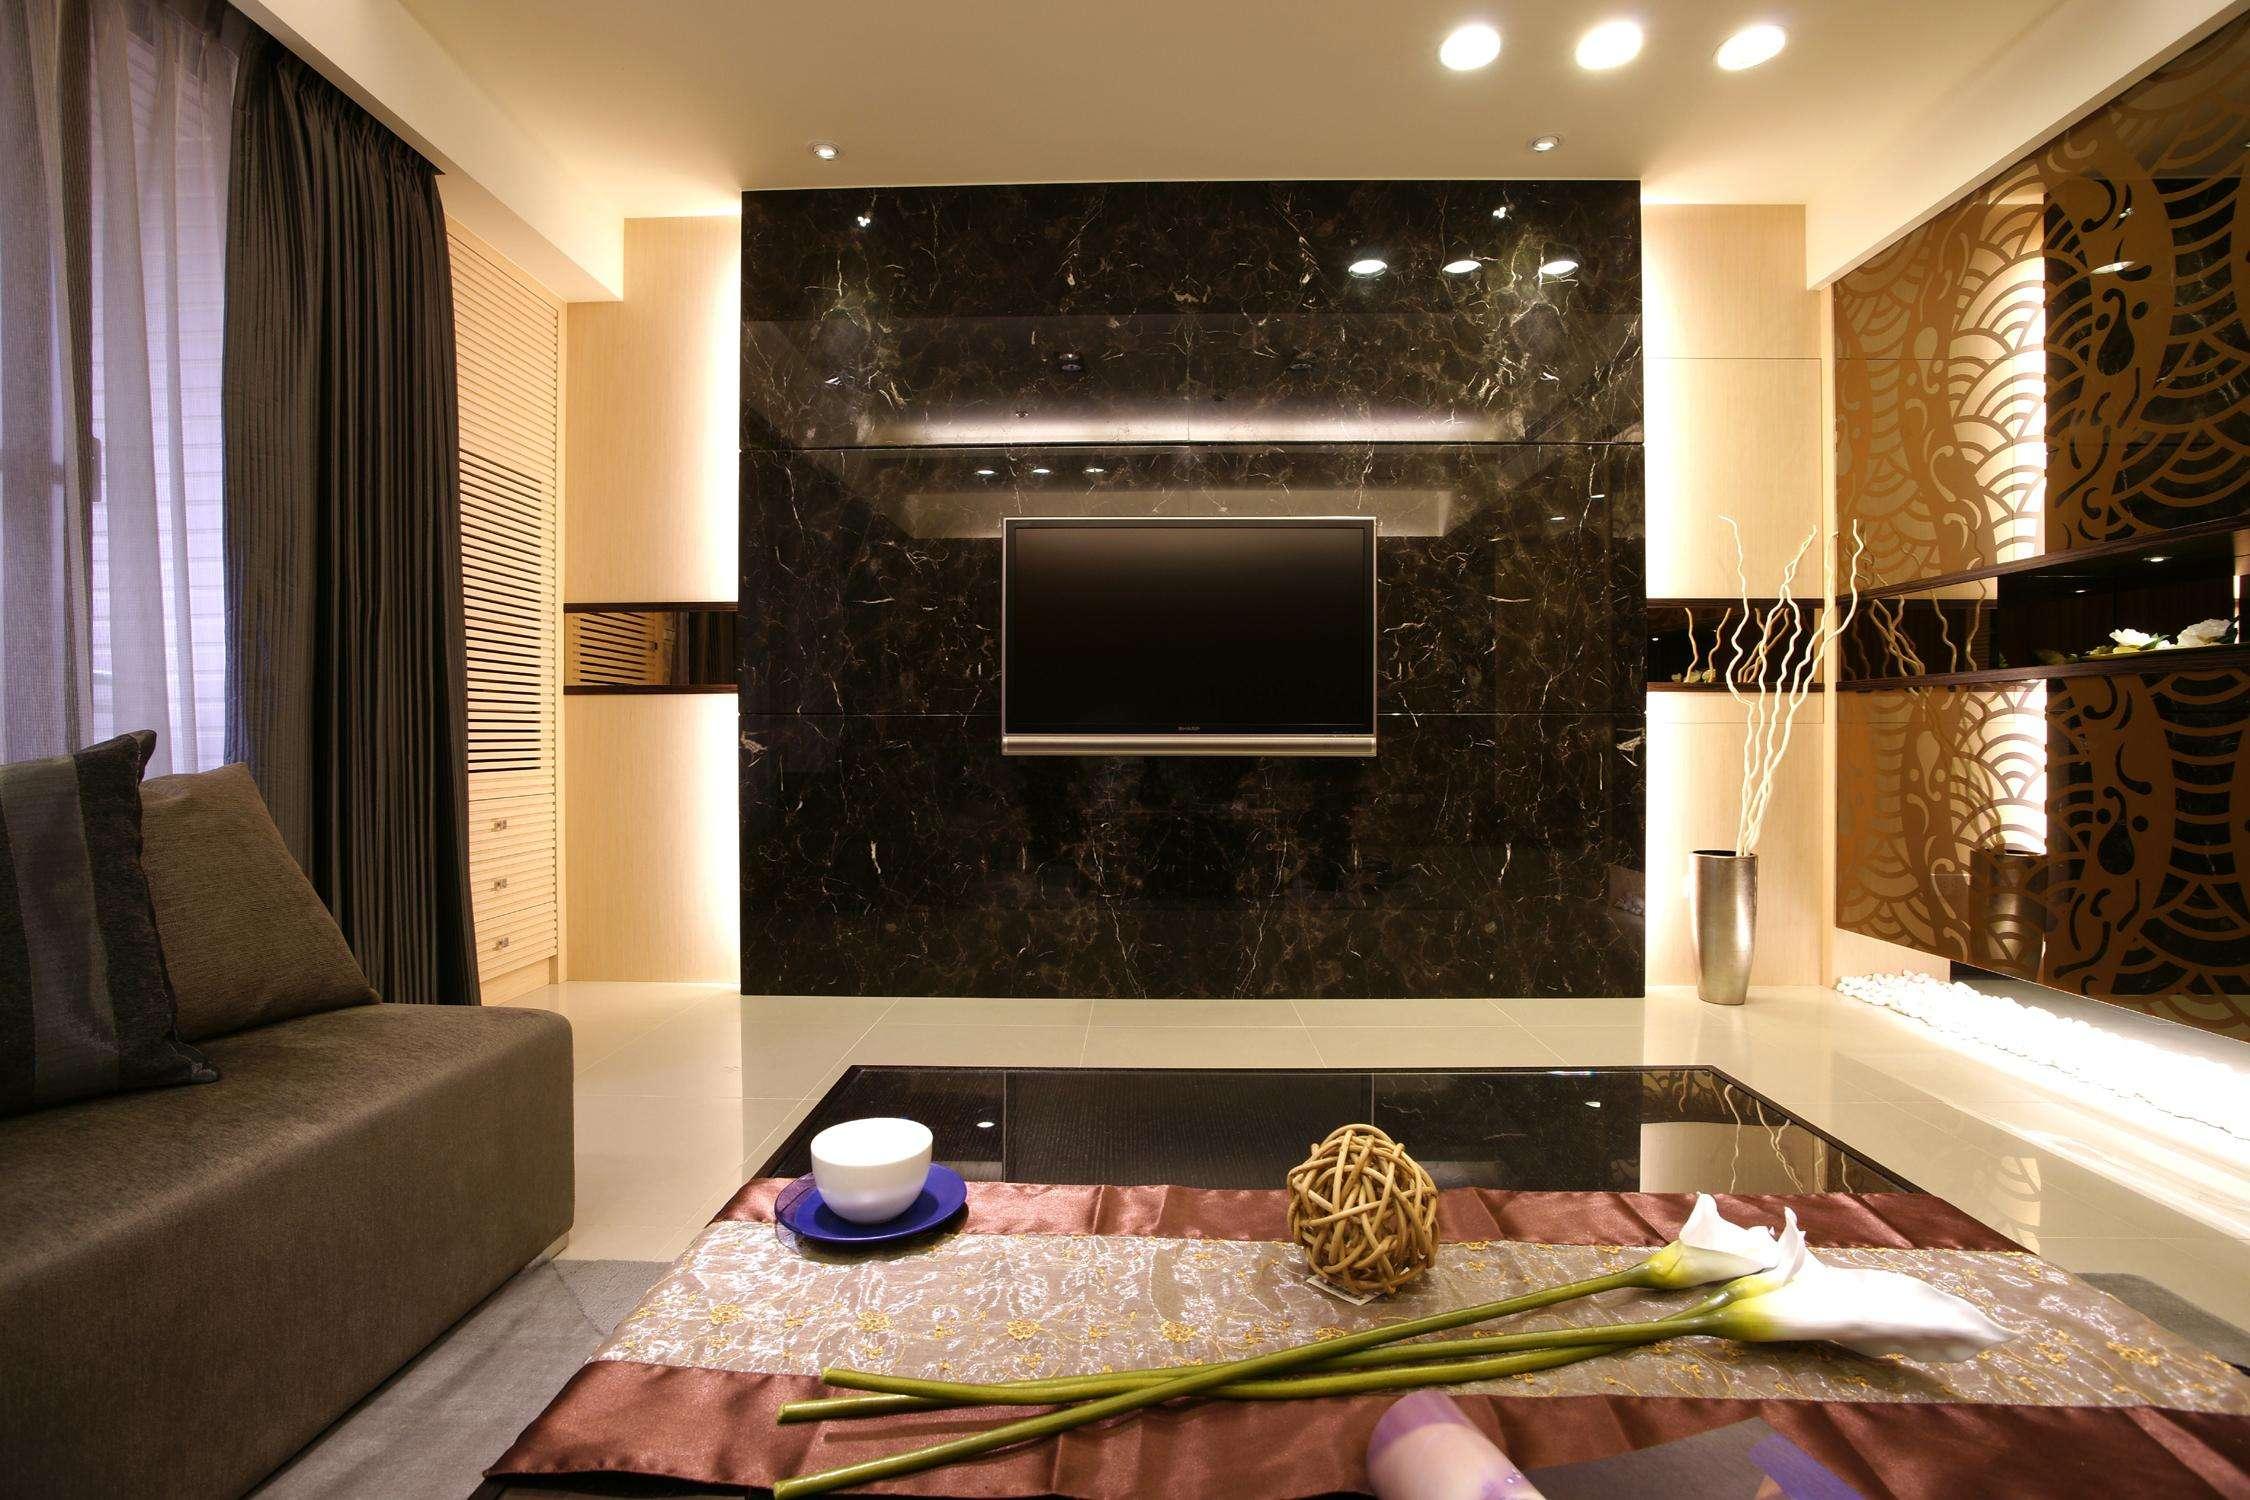 现代家装设计客厅大理石电视背景墙装饰效果图_装修百科